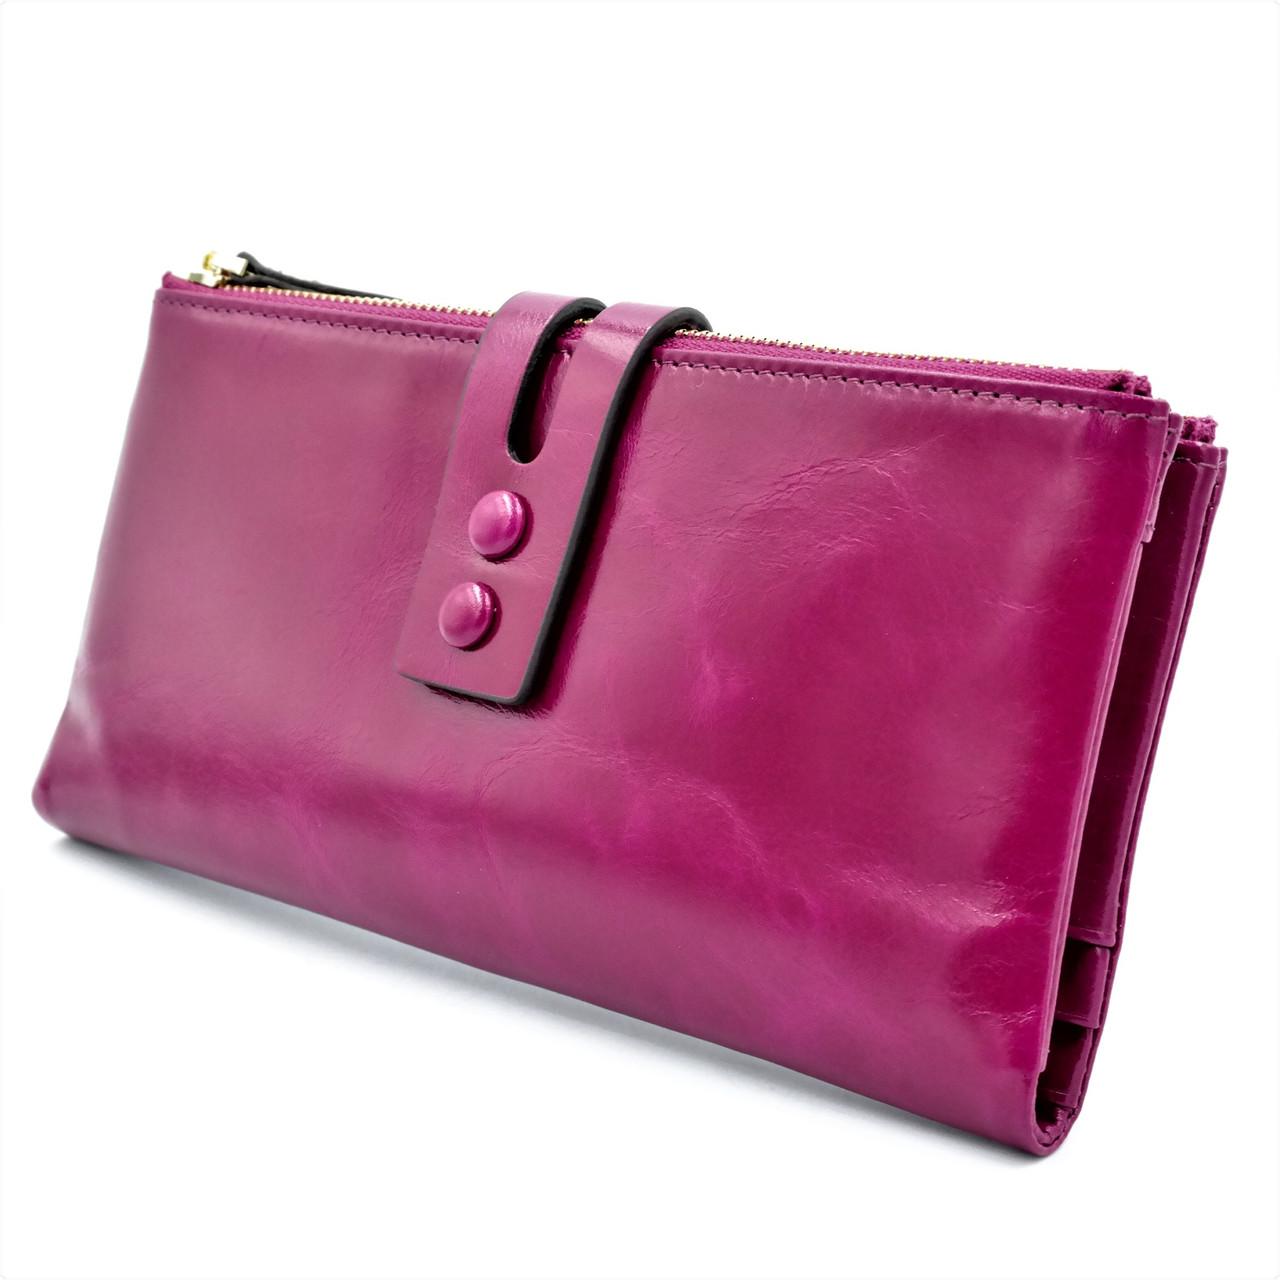 Жіночий шкіряний гаманець Малиновий Якісний гаманець з натуральної шкіри Жіночий гаманець Портмоне для дівчину